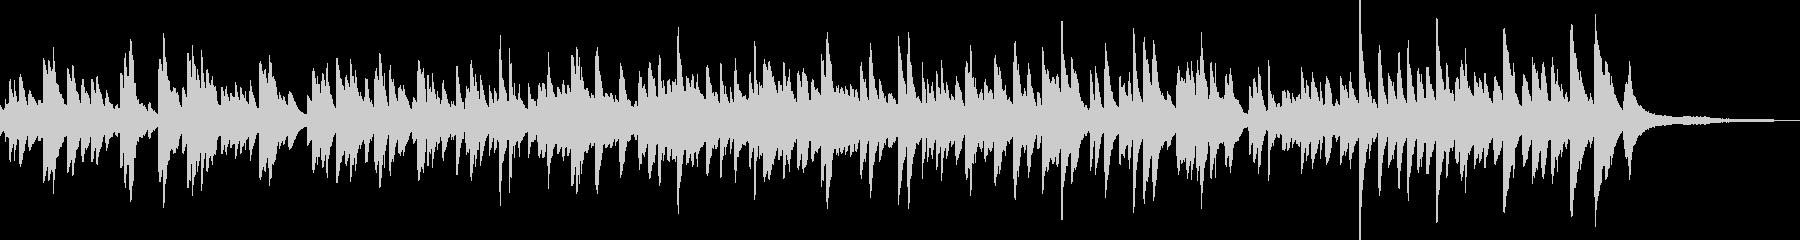 優しい 明るめの ピアノソロ バラードの未再生の波形